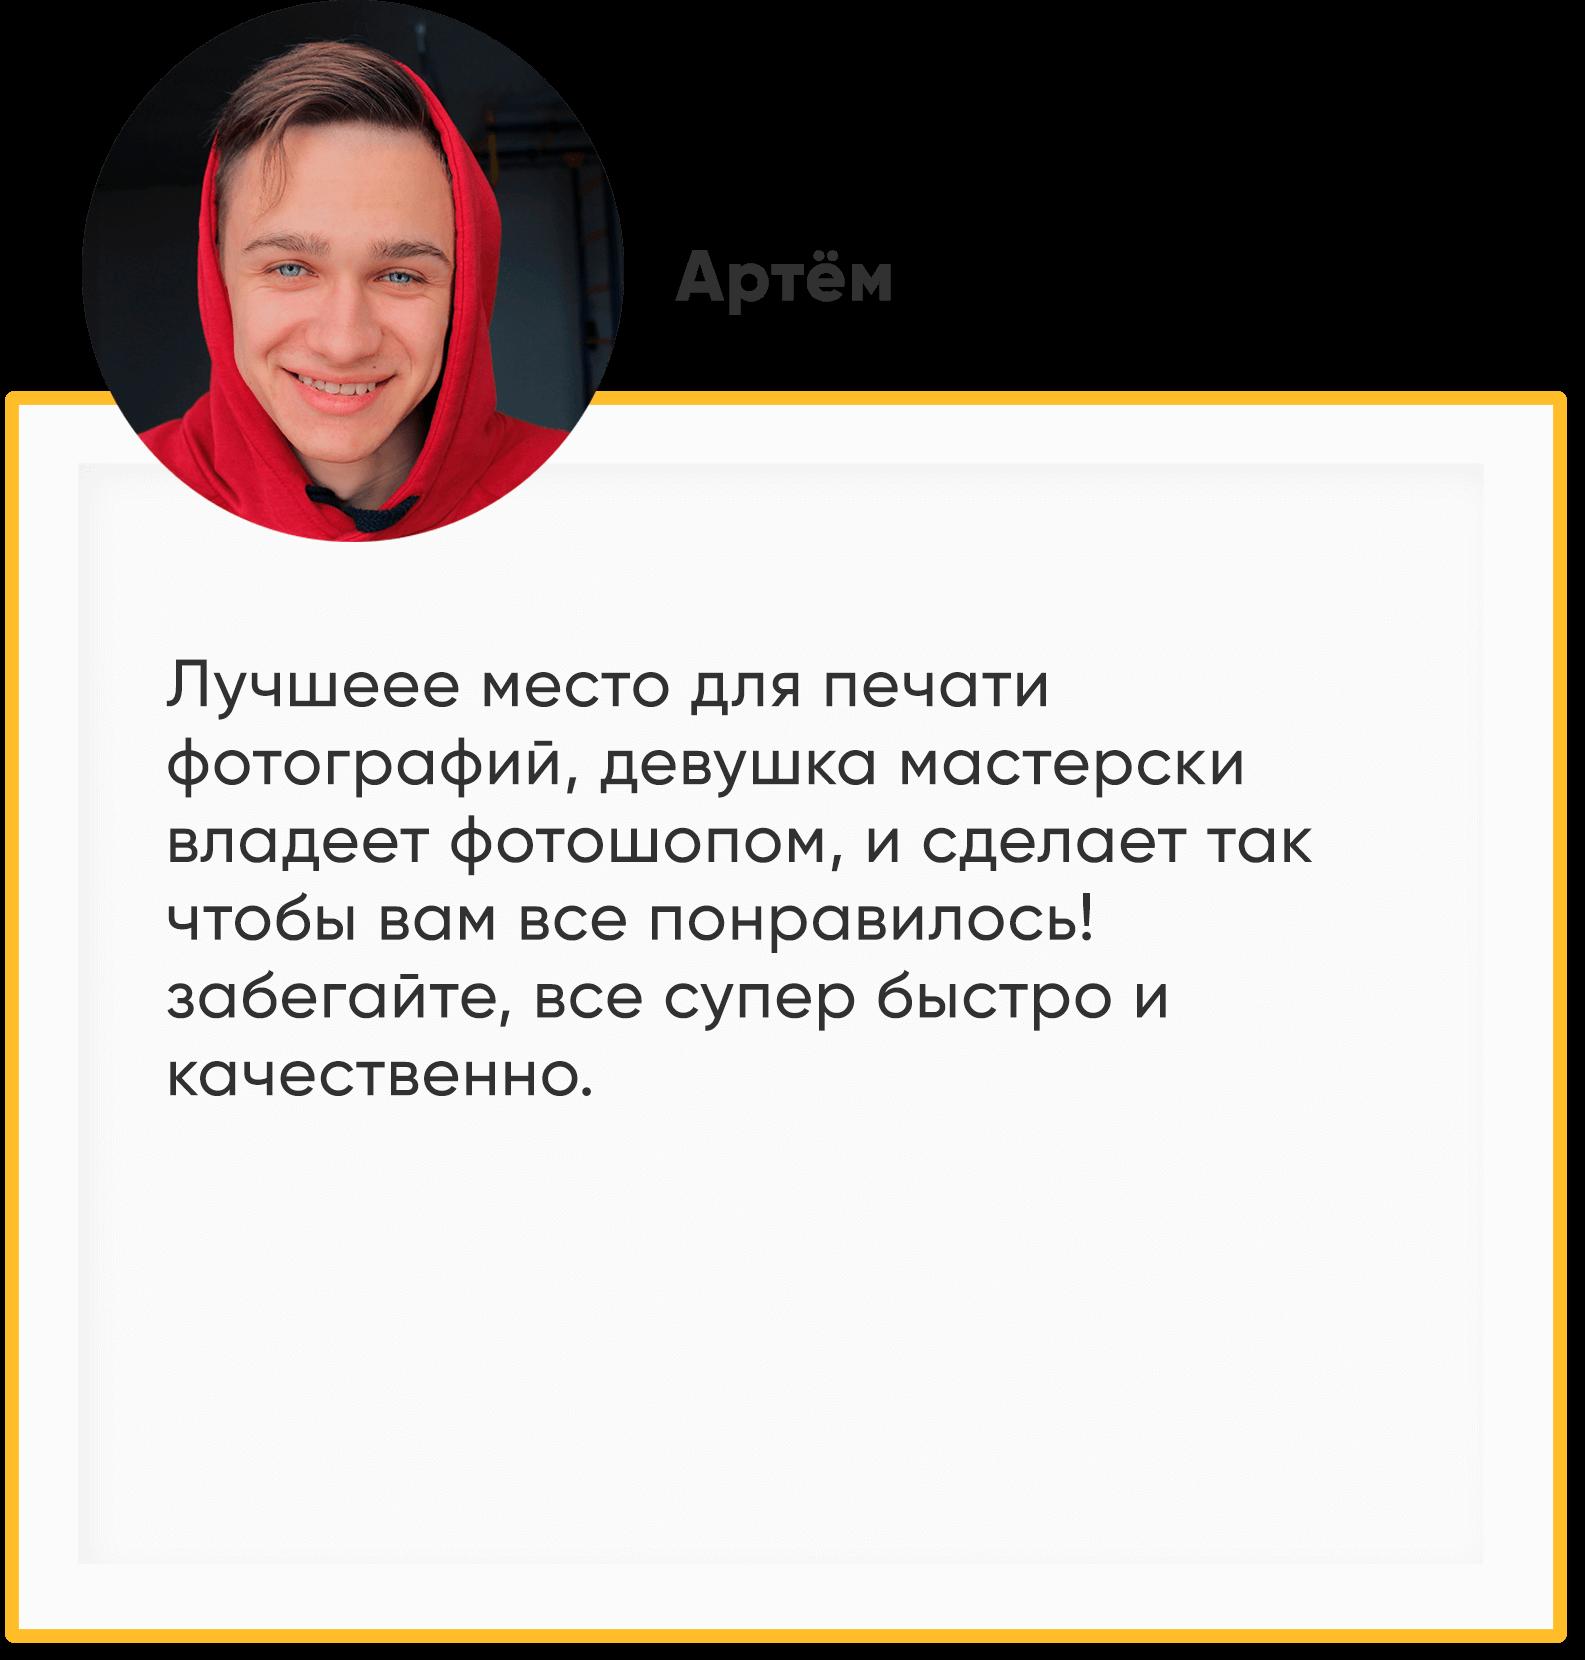 Kartochka_otzyva 5